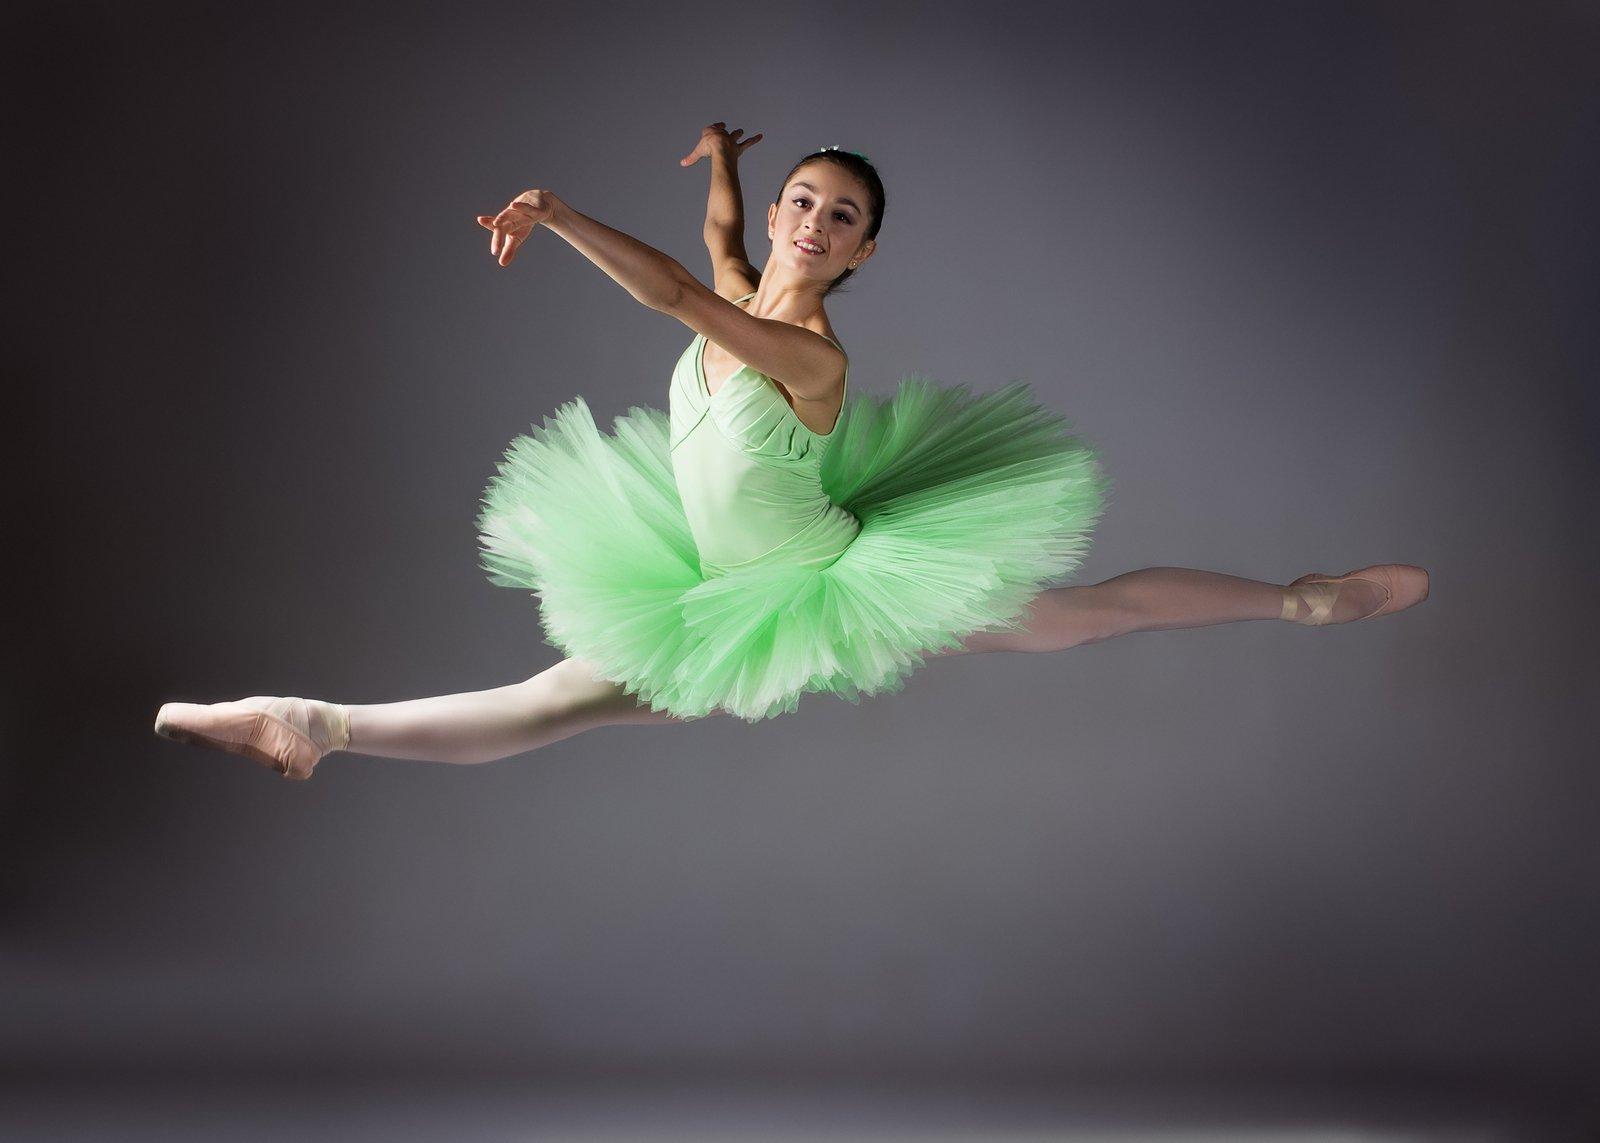 female-ballet-dancer-gray-backround-green-tutu